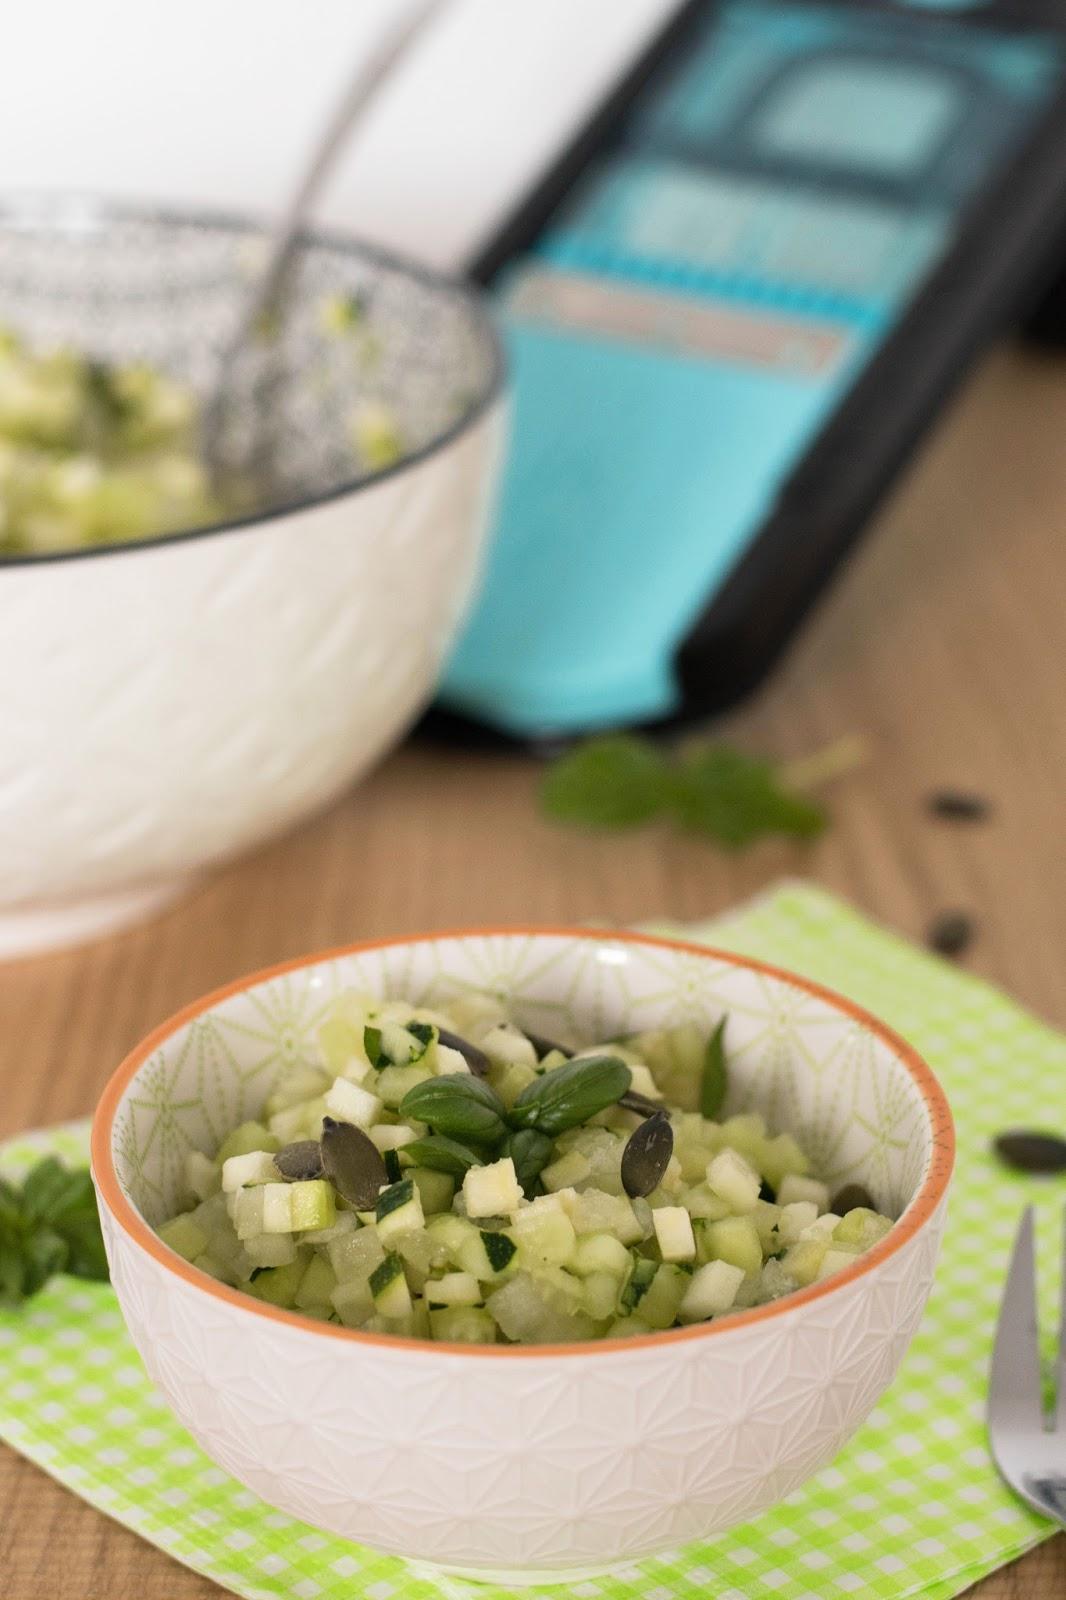 recette salade courgette concombre melon d'eau et basilic